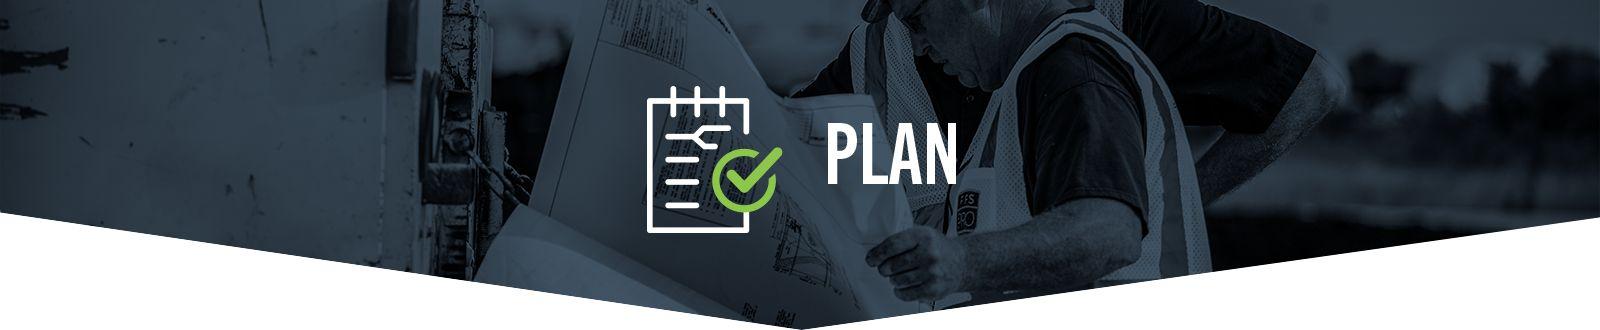 FFS-Plan-Page-Duo-Banner.psd